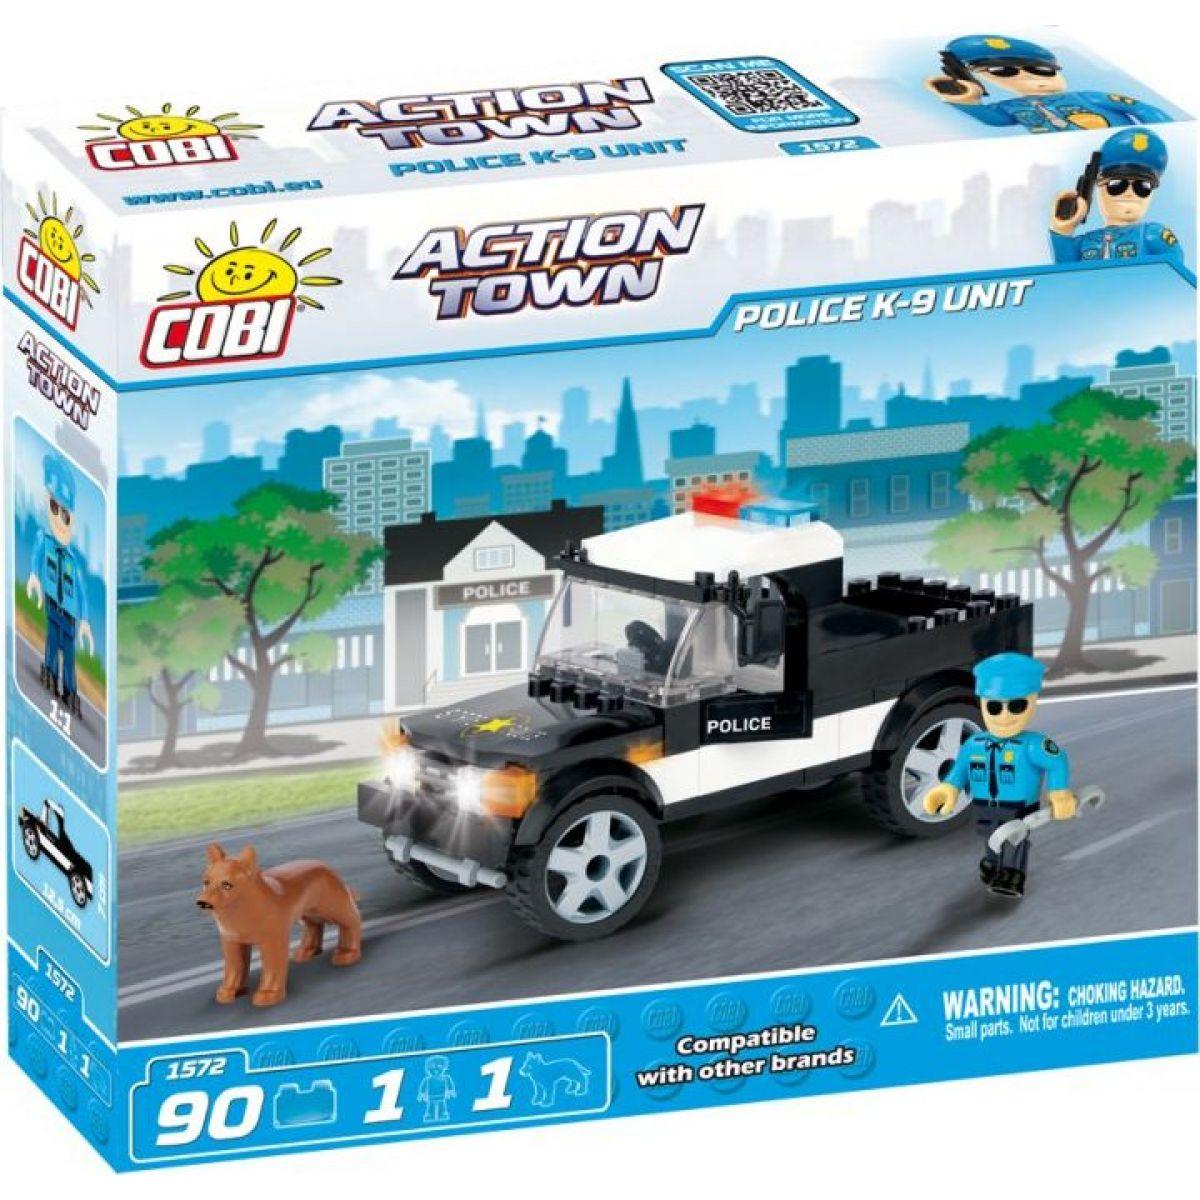 Cobi Action Town 1572 Policie K-9 Unit